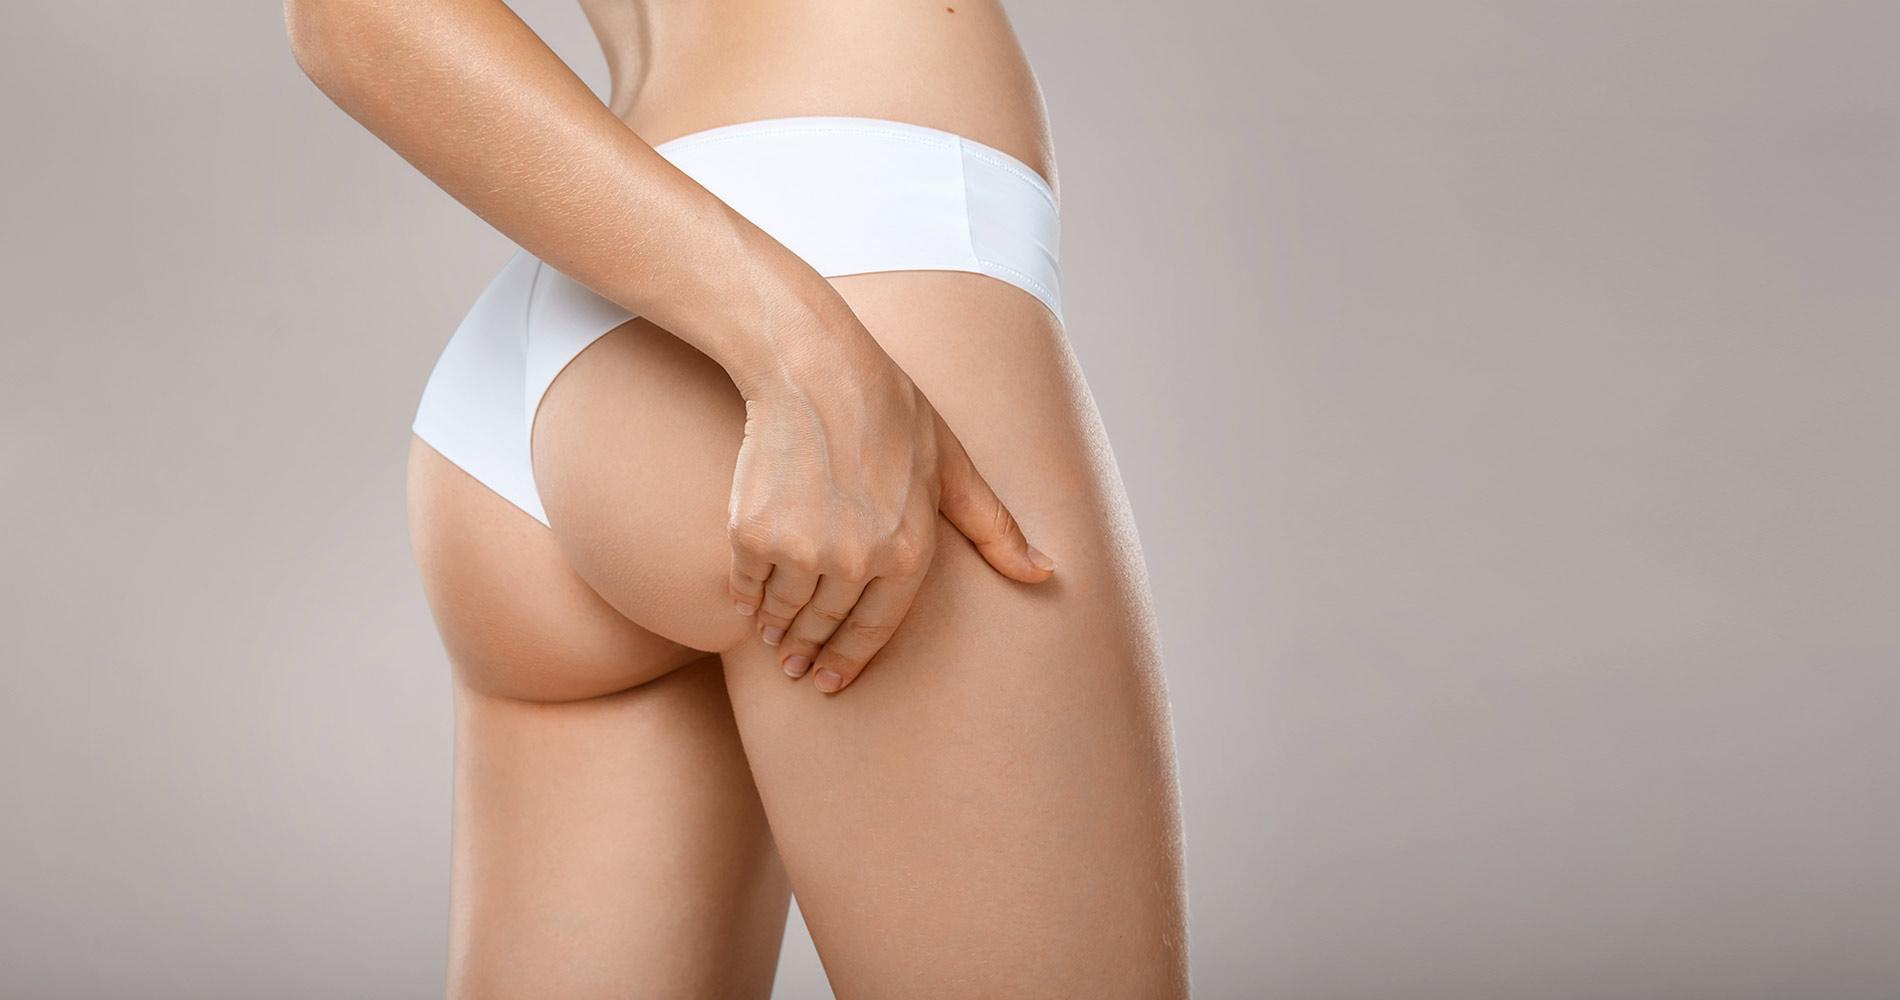 Brazilian Butt Lift at UTMB Health